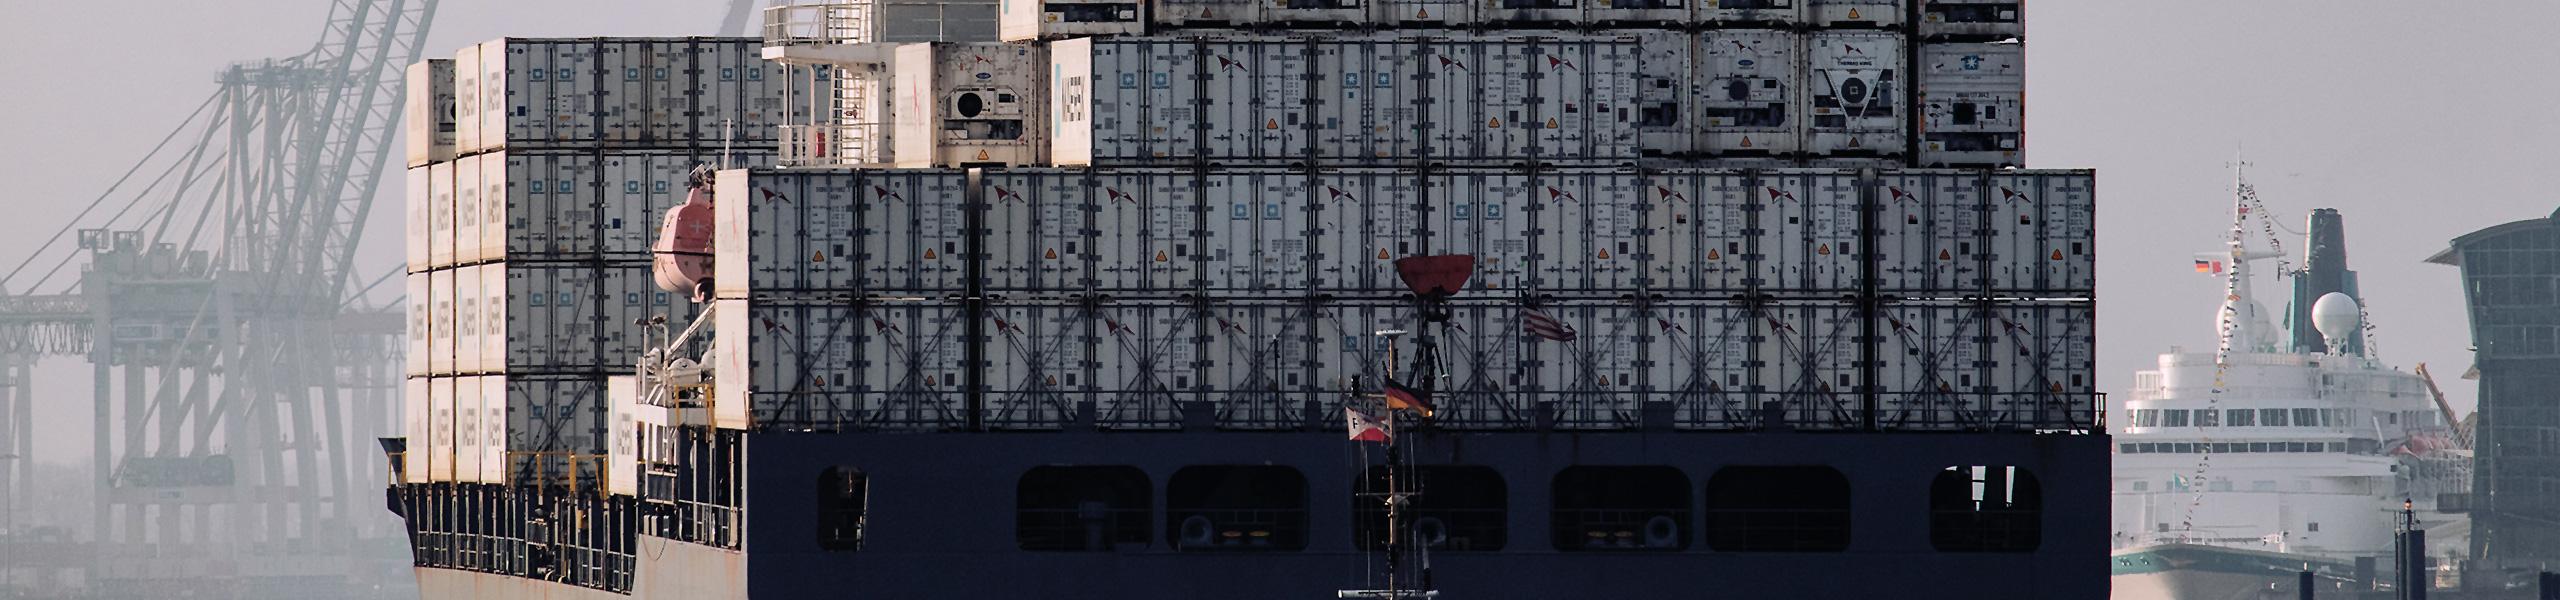 Internationale Frachtschiffreisen Pfeiffer - Frachtschiffreisen nach Kontinent